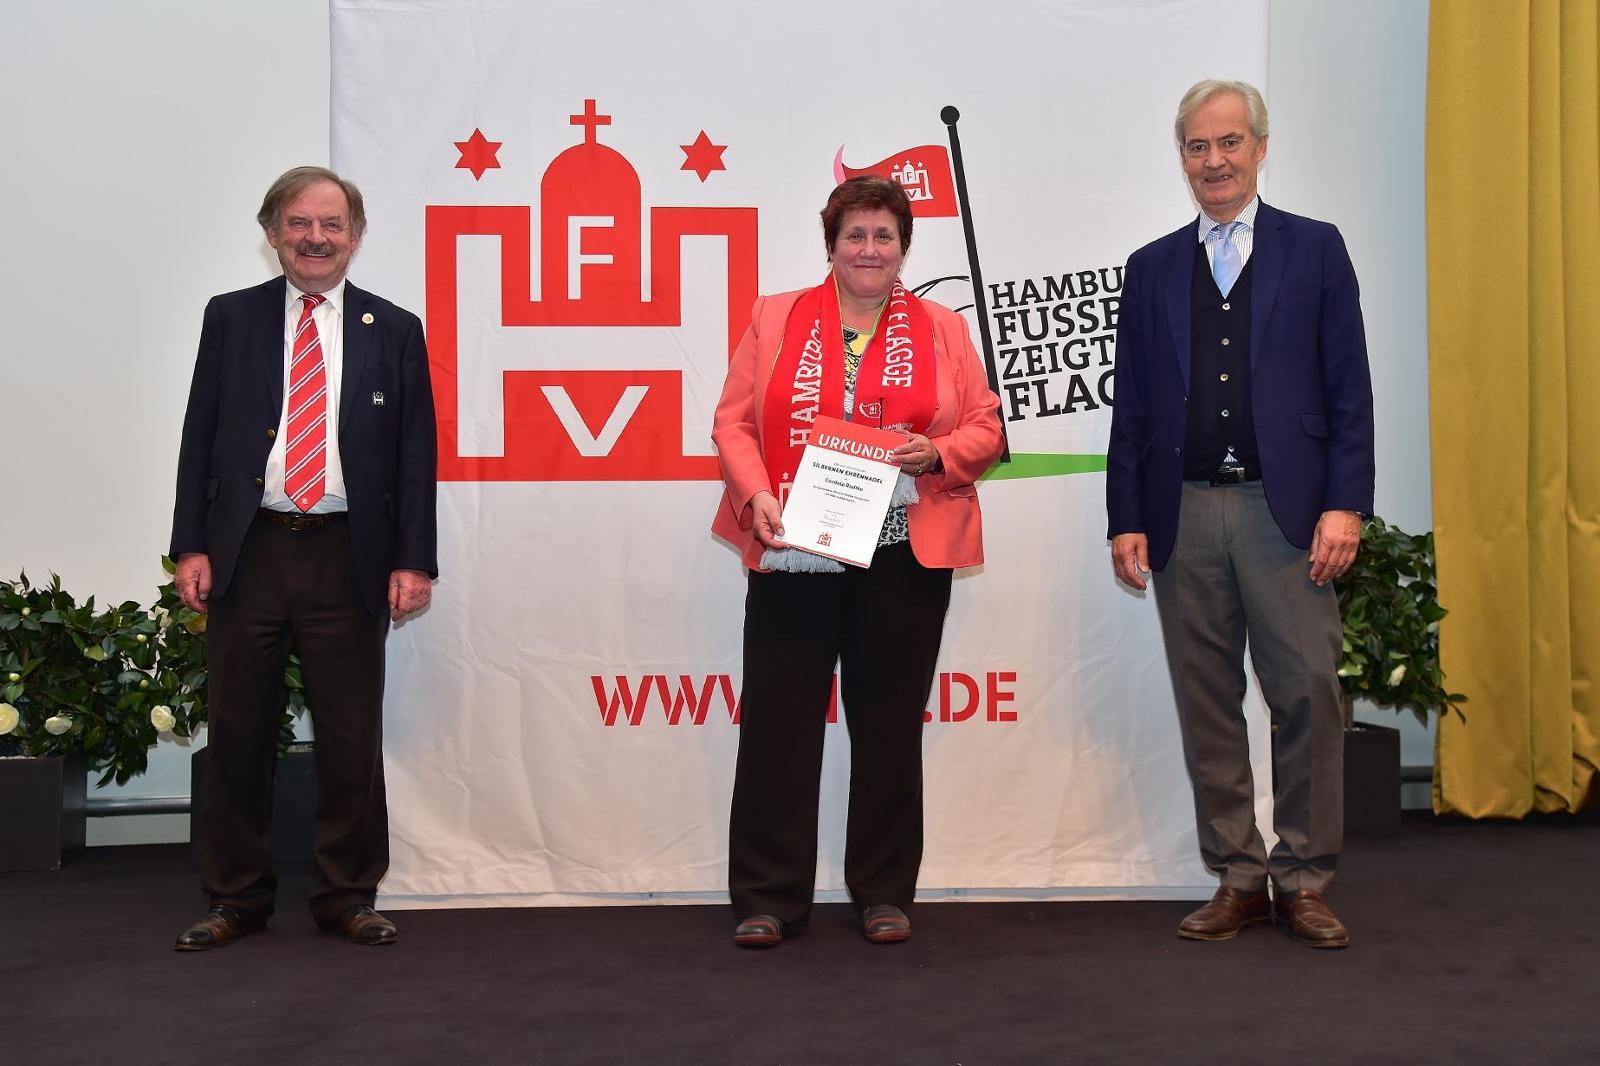 Cordula Radtke engagiert sich für den Frauen- und Mädchenfußball in Wilhelmsburg. Foto: Gettschat